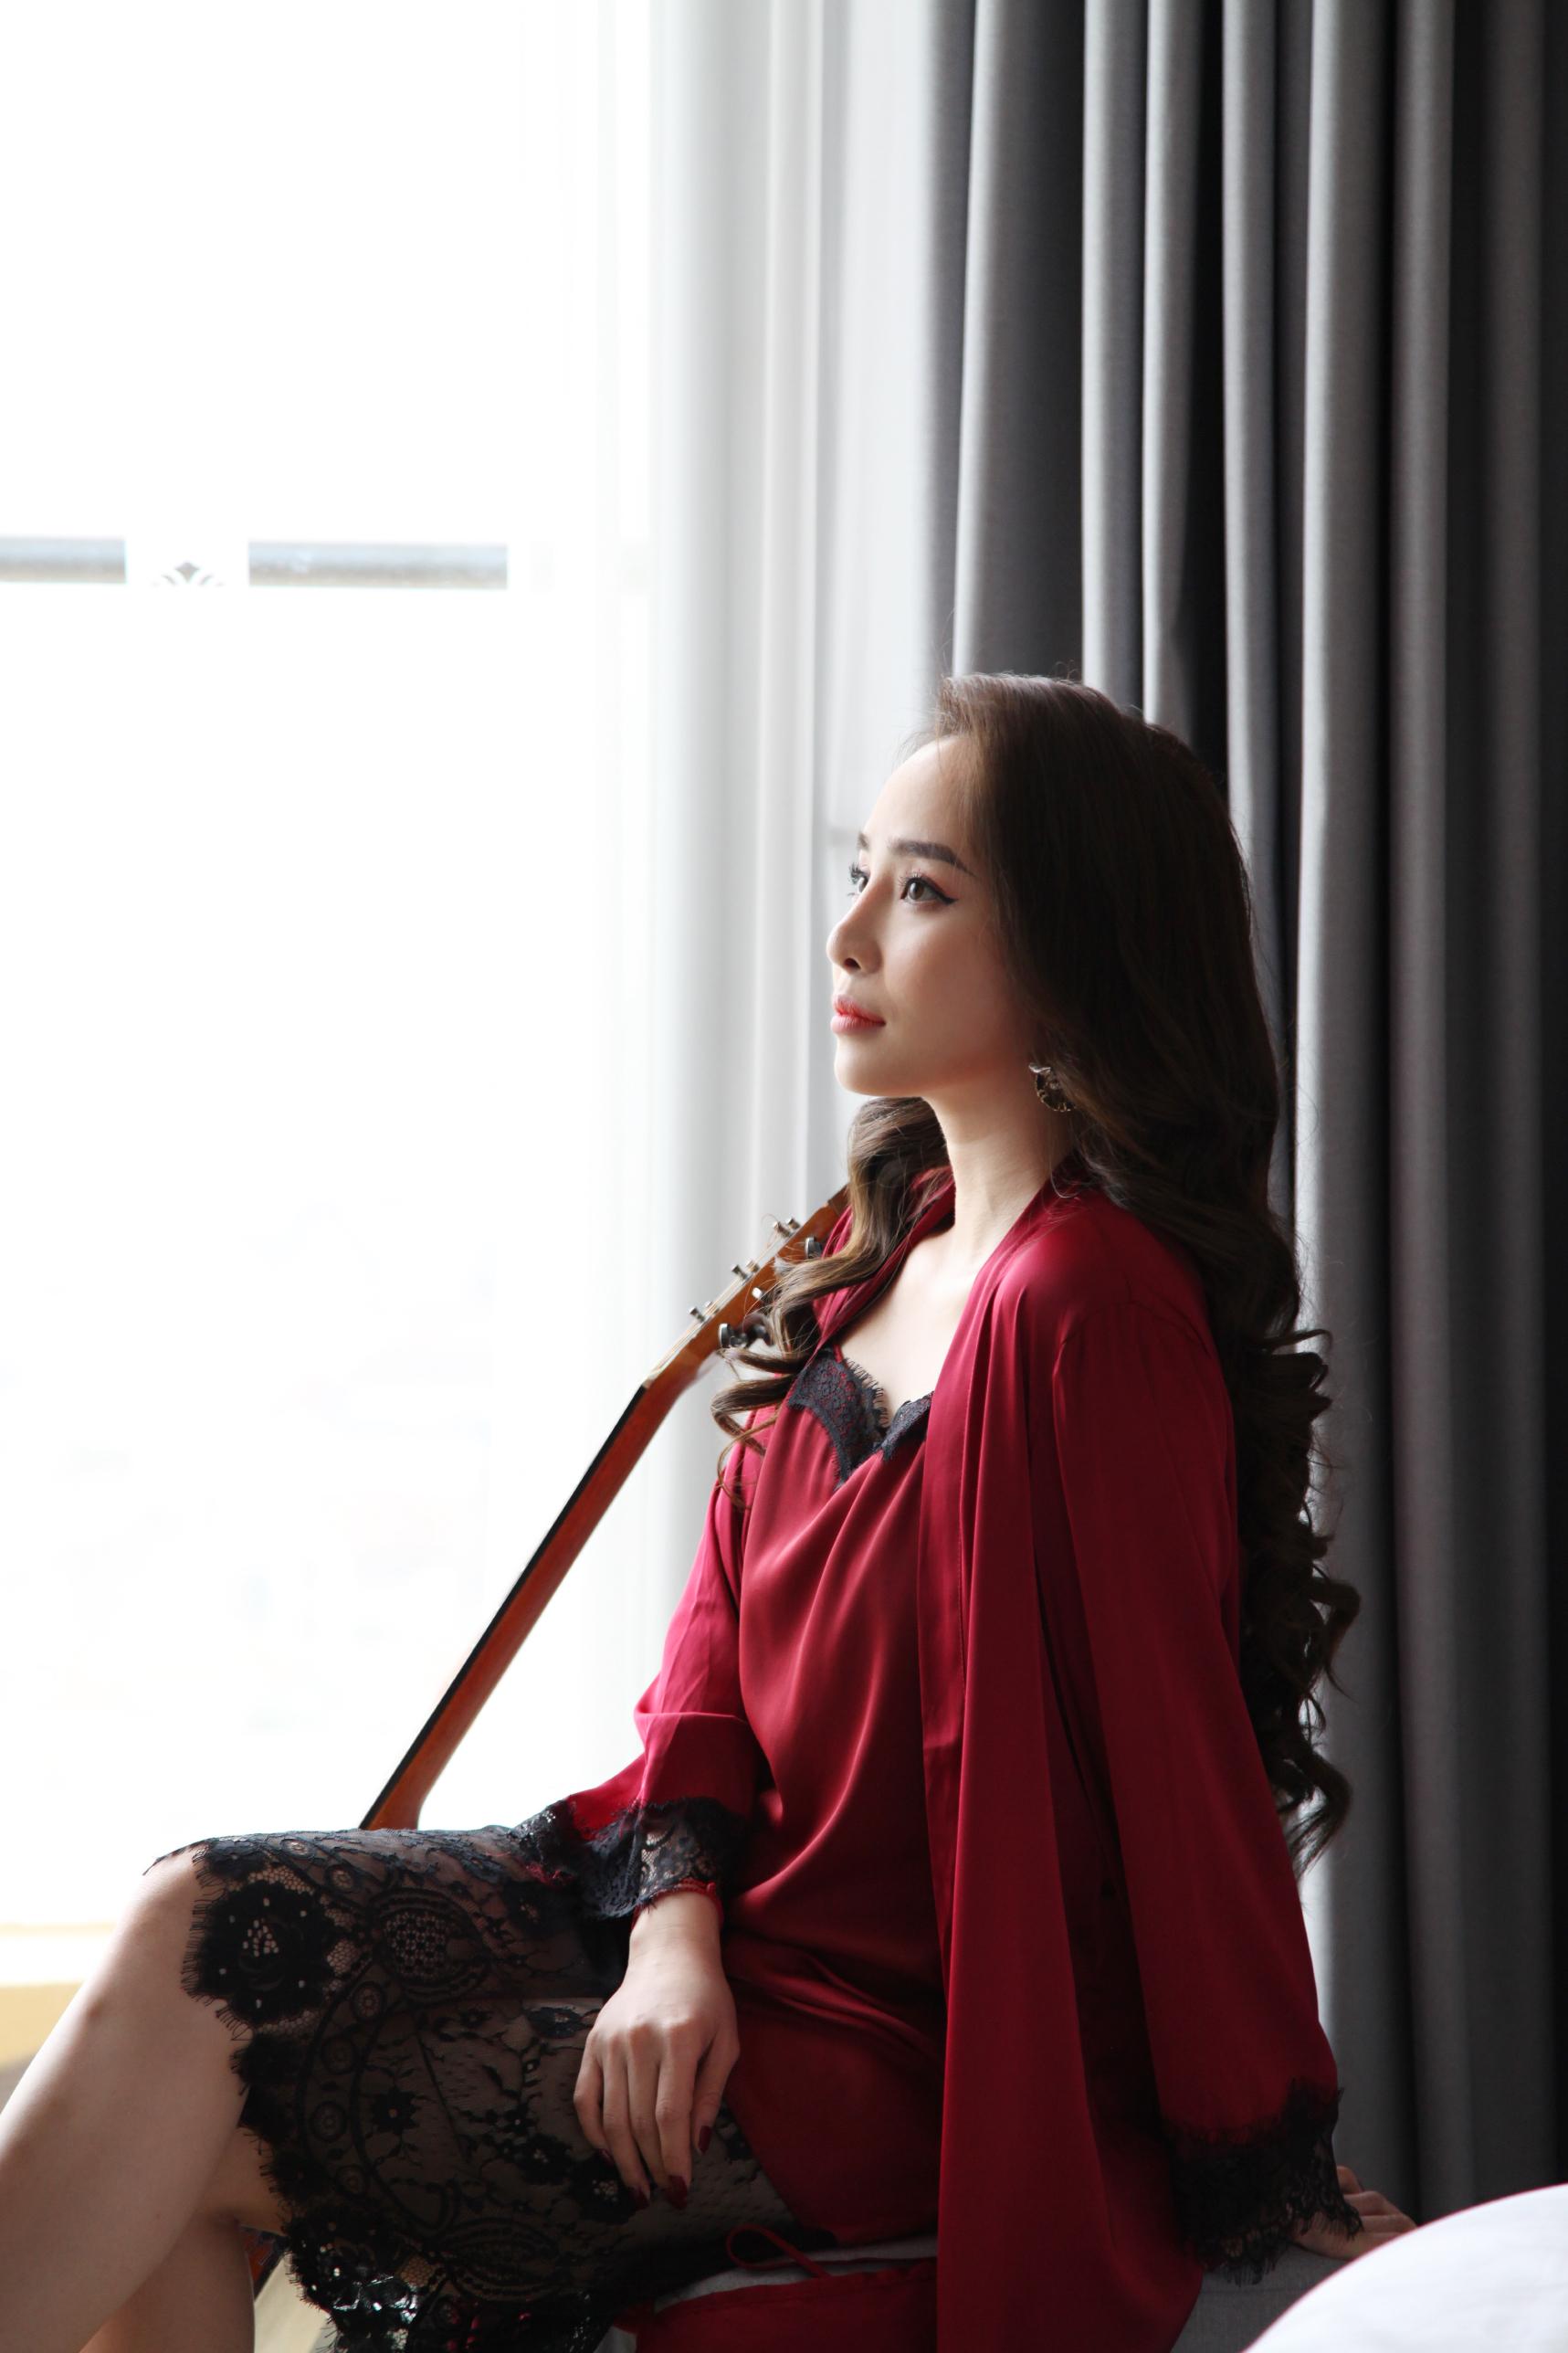 Quỳnh Nga kể chuyện suýt ngã 'sấp mặt' vì hôn Quốc Trường trong Về nhà đi con 2